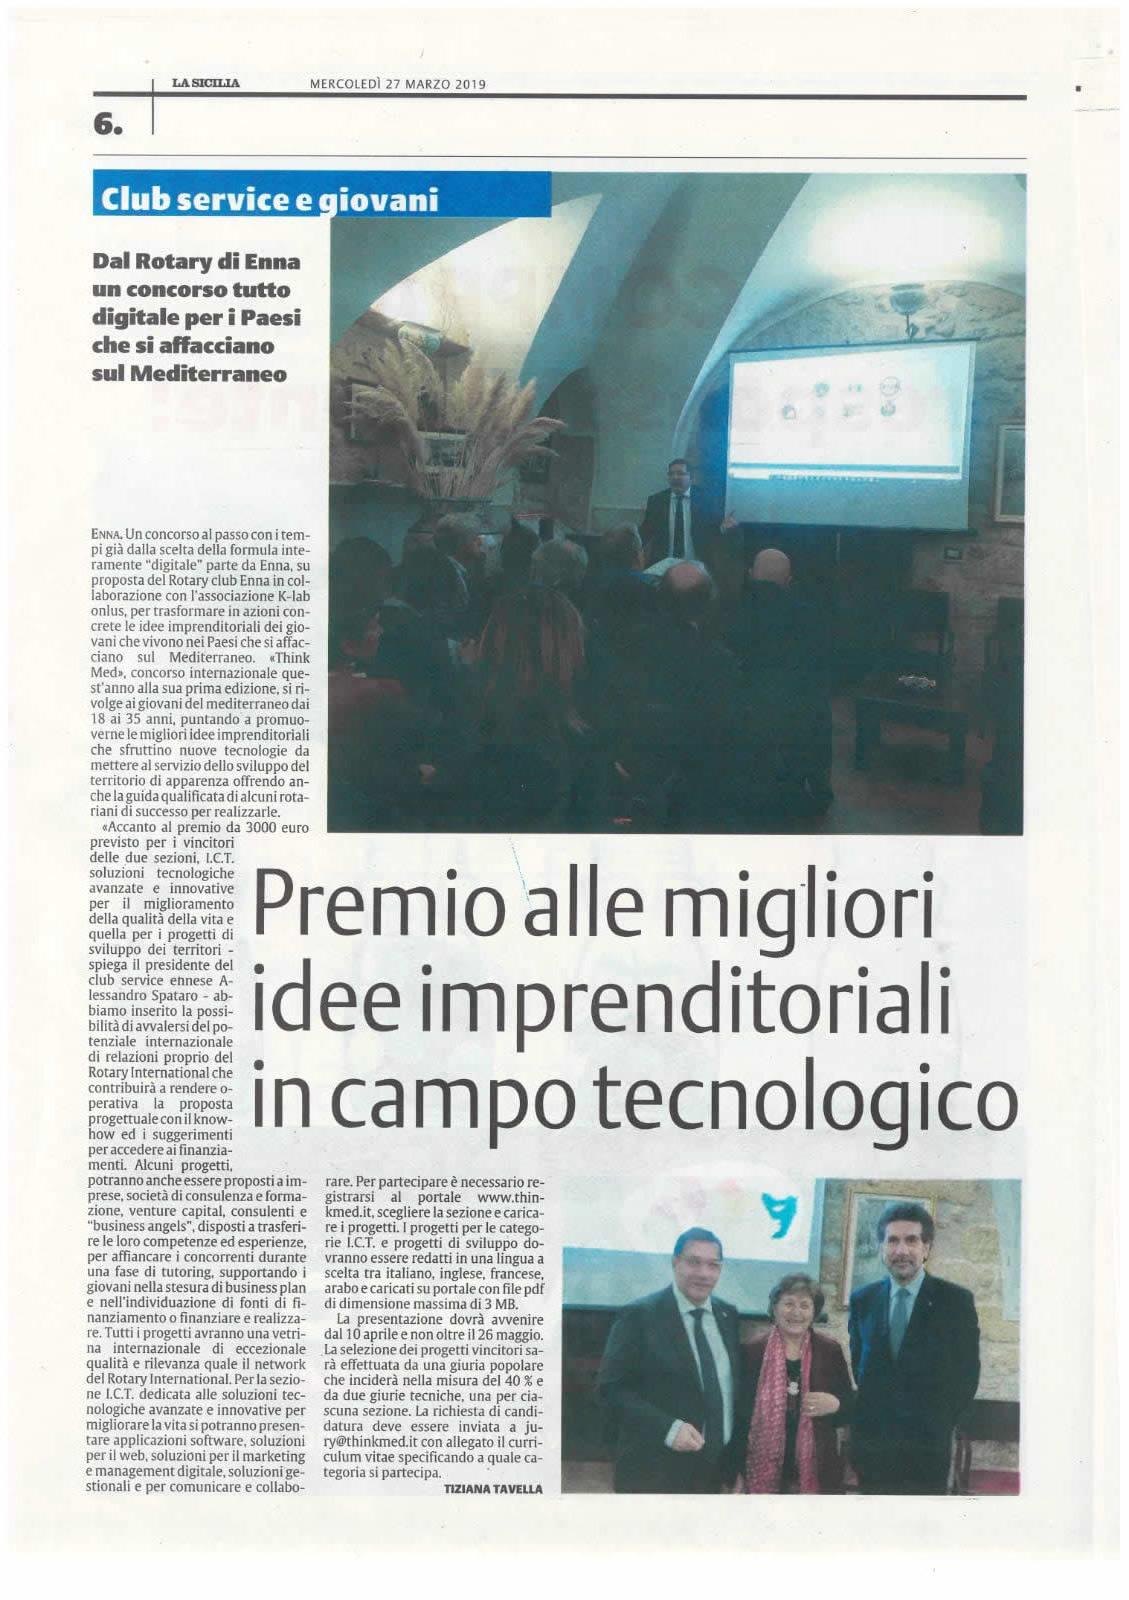 Dal Rotary club di Enna un premio alle migliori idee imprenditoriali in campo tecnologico